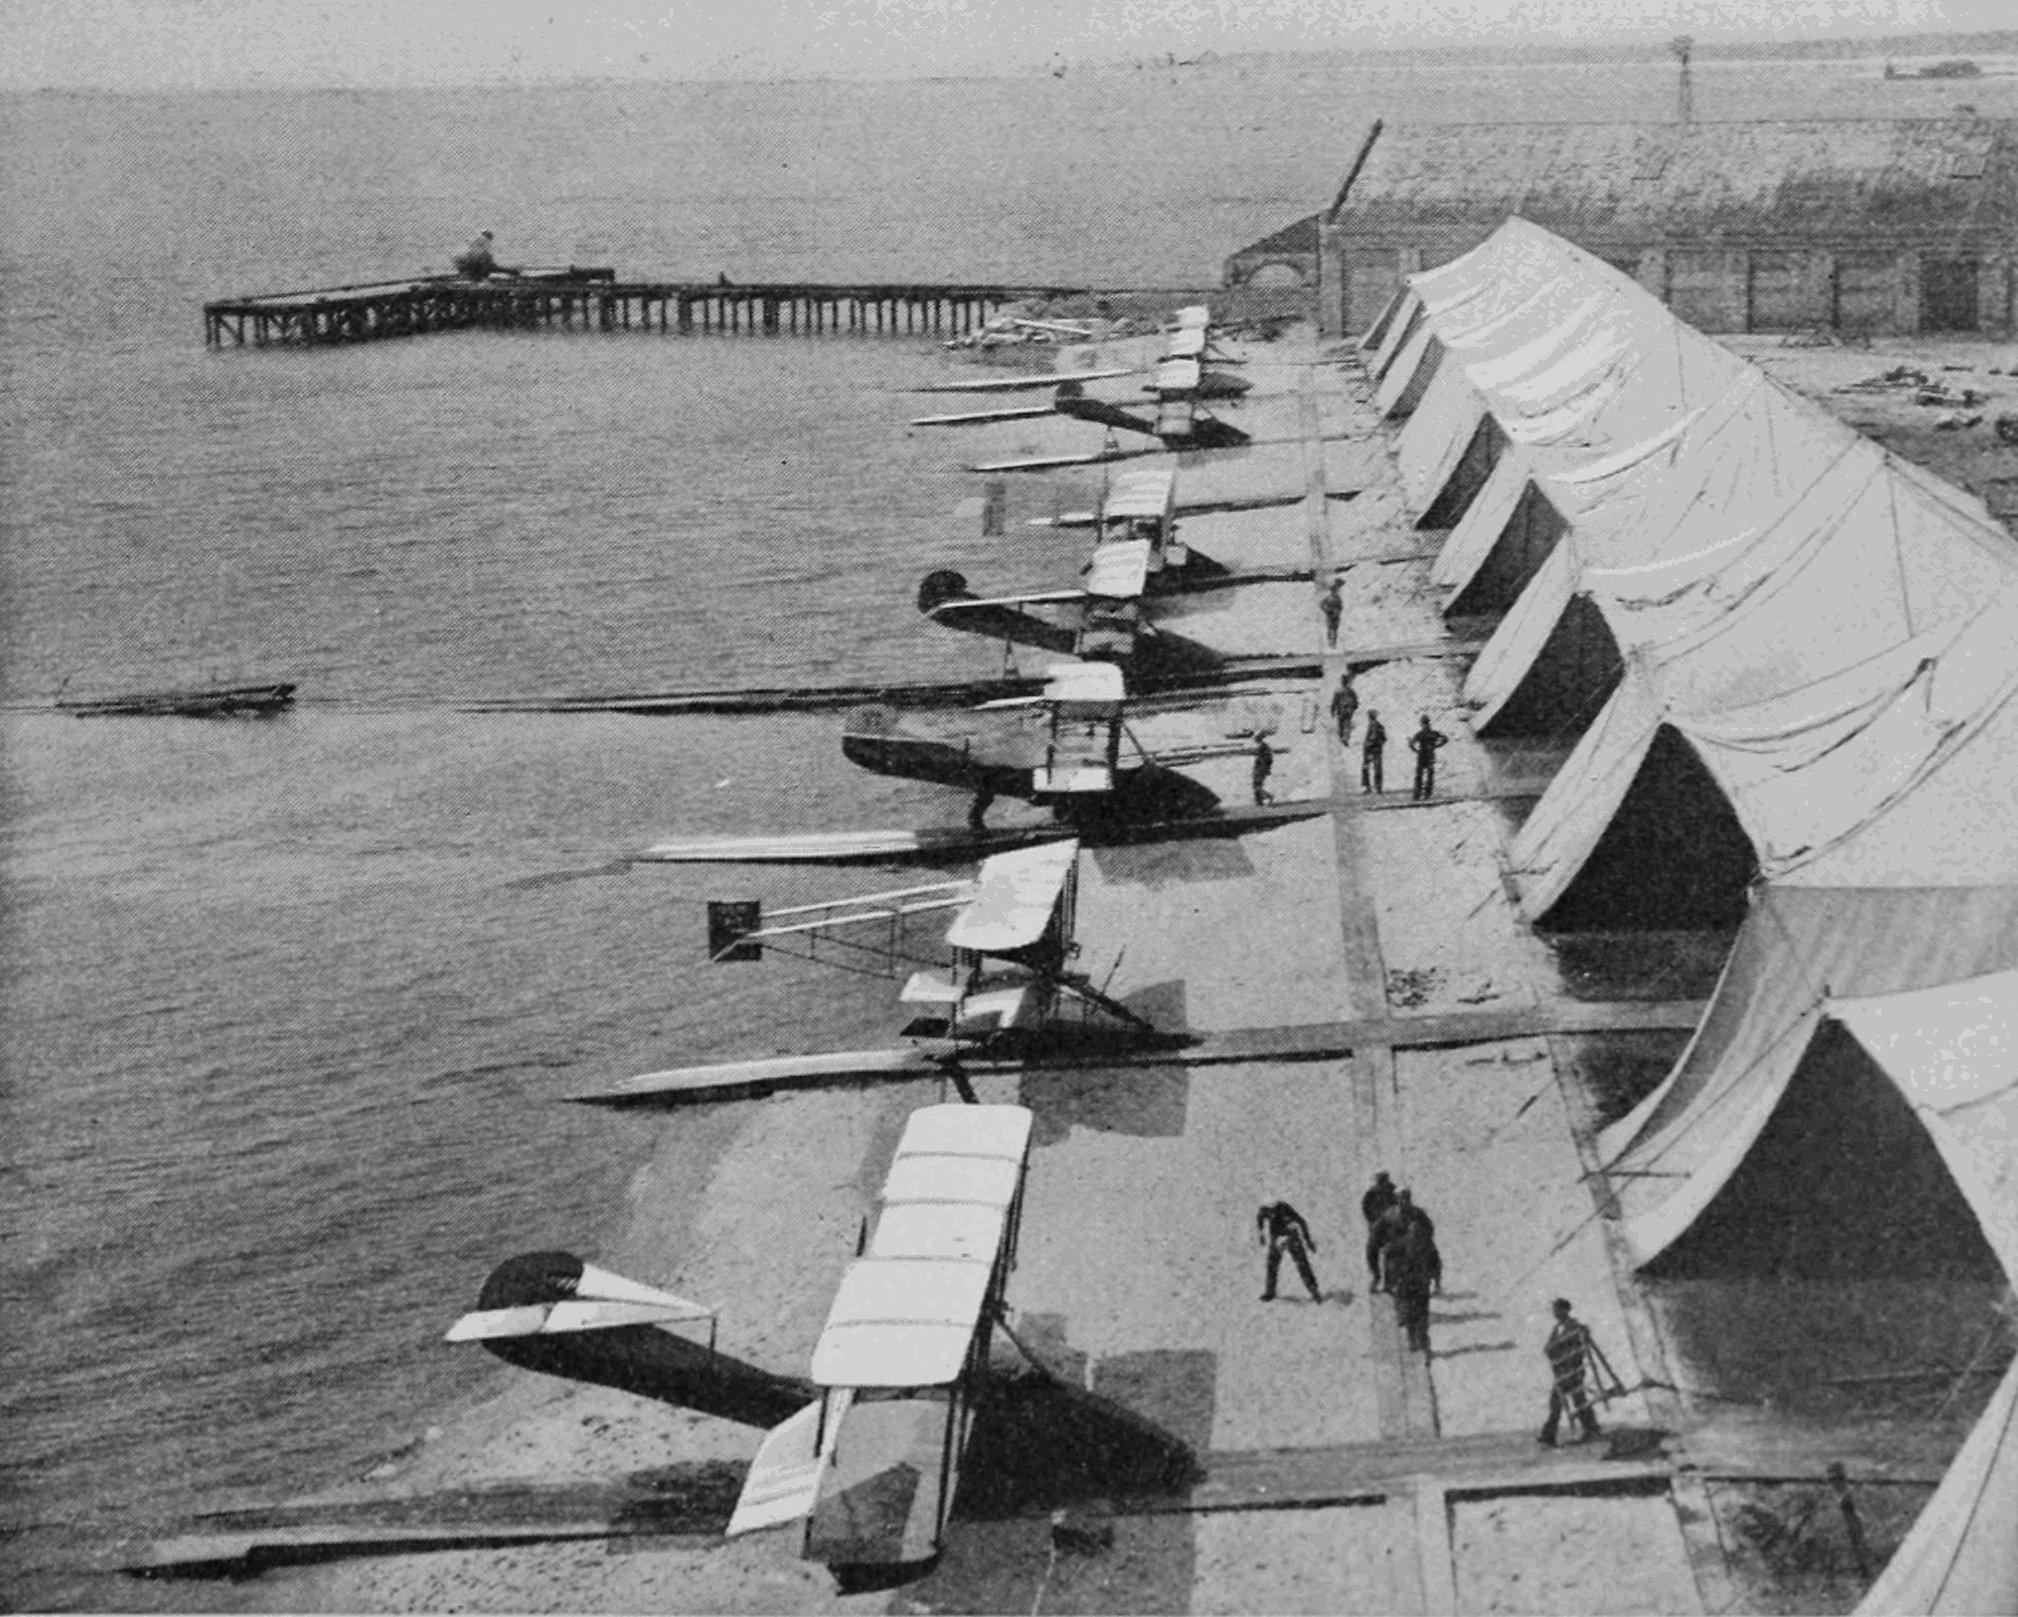 The NAS Pensacola in 1910